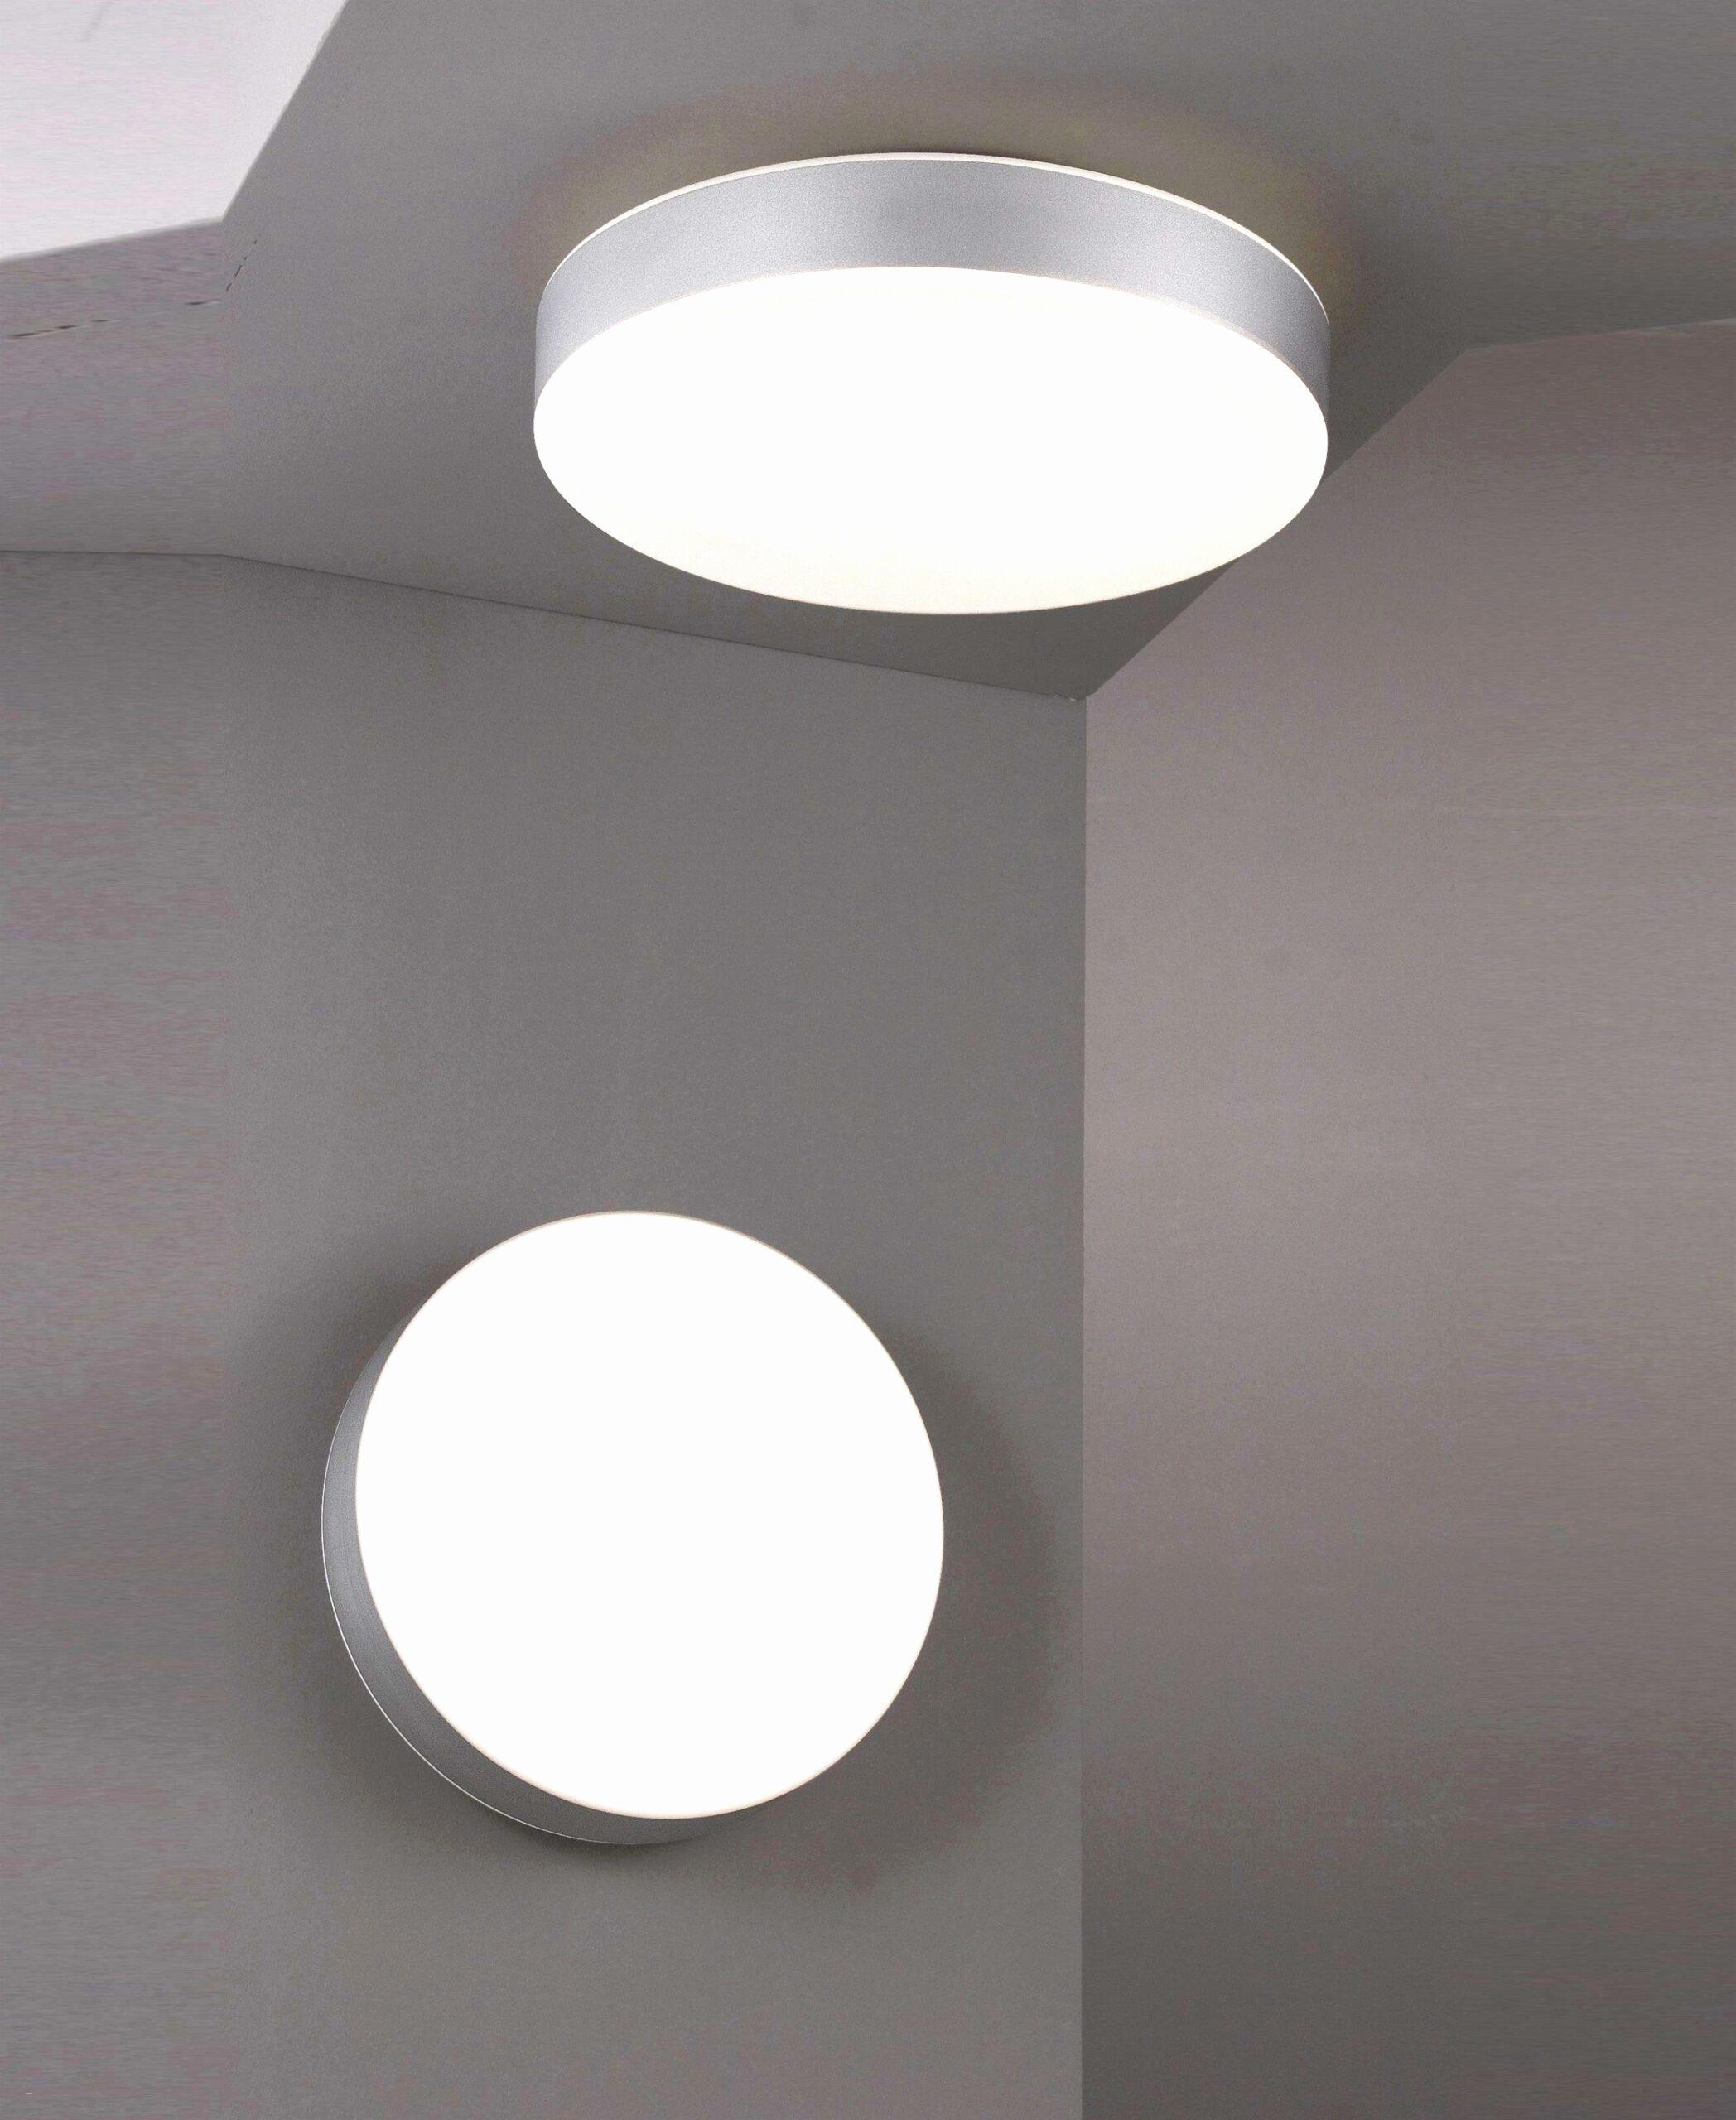 Full Size of Deckenleuchte Flach Modern Led Deckenlampe Inspirierend Best Badezimmer Wohnzimmer Küche Moderne Duschen Schlafzimmer Bad Holz Bett Design Modernes Wohnzimmer Deckenleuchte Flach Modern